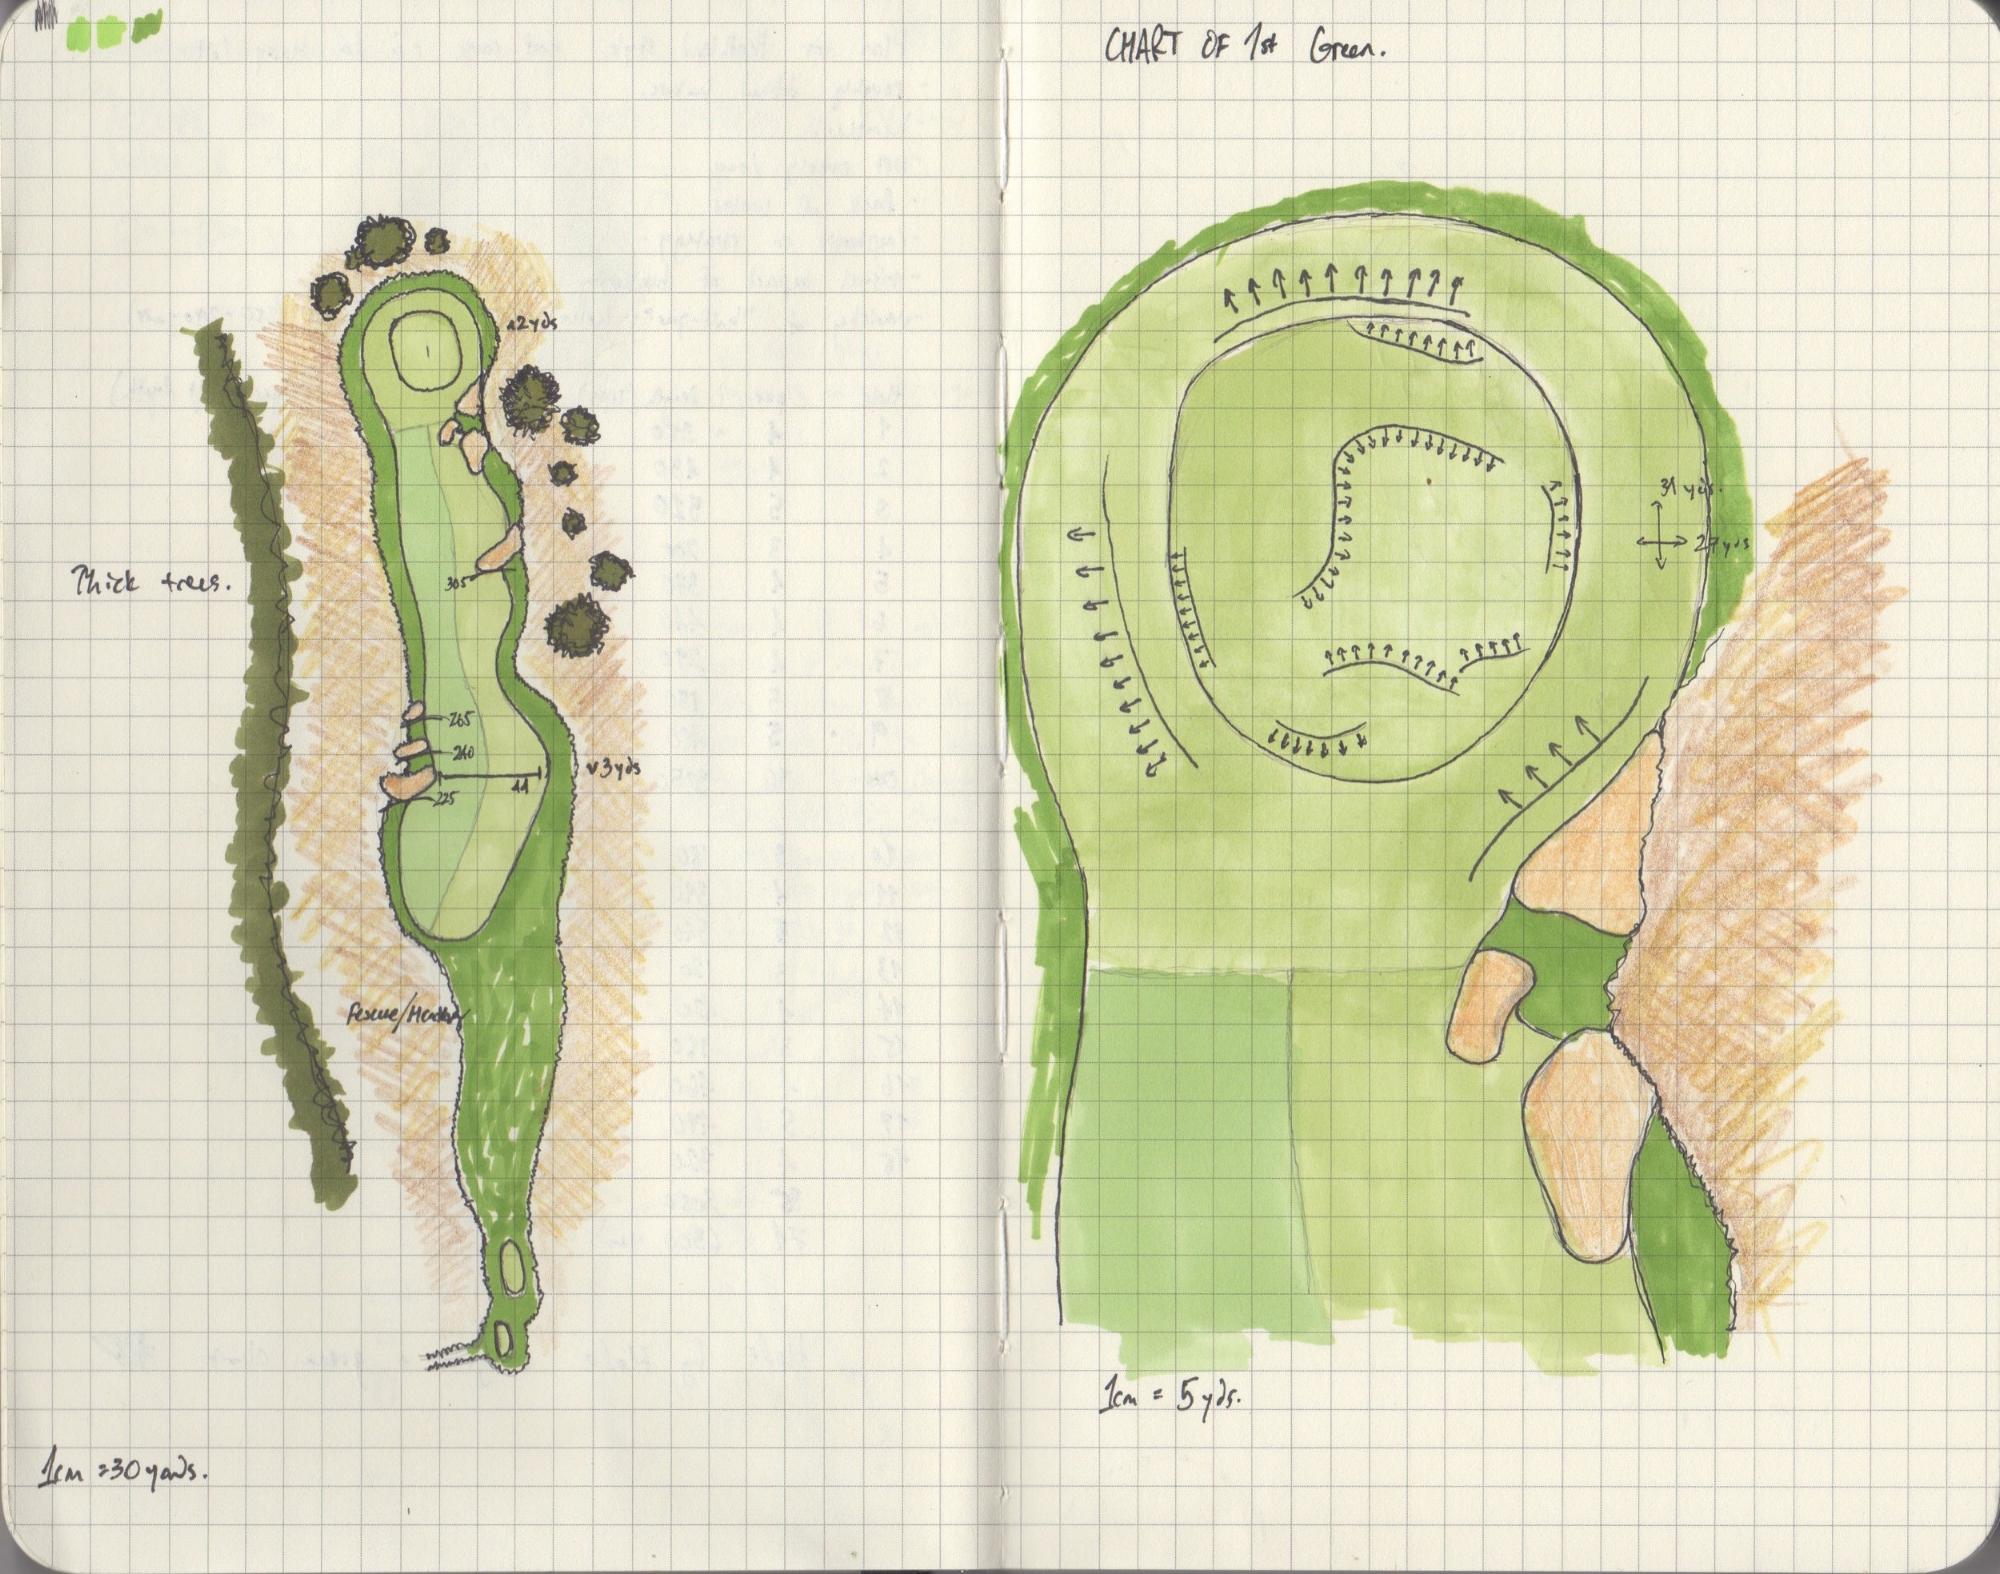 Golf Course Hole Design, Benjamin W. Meit, 2016